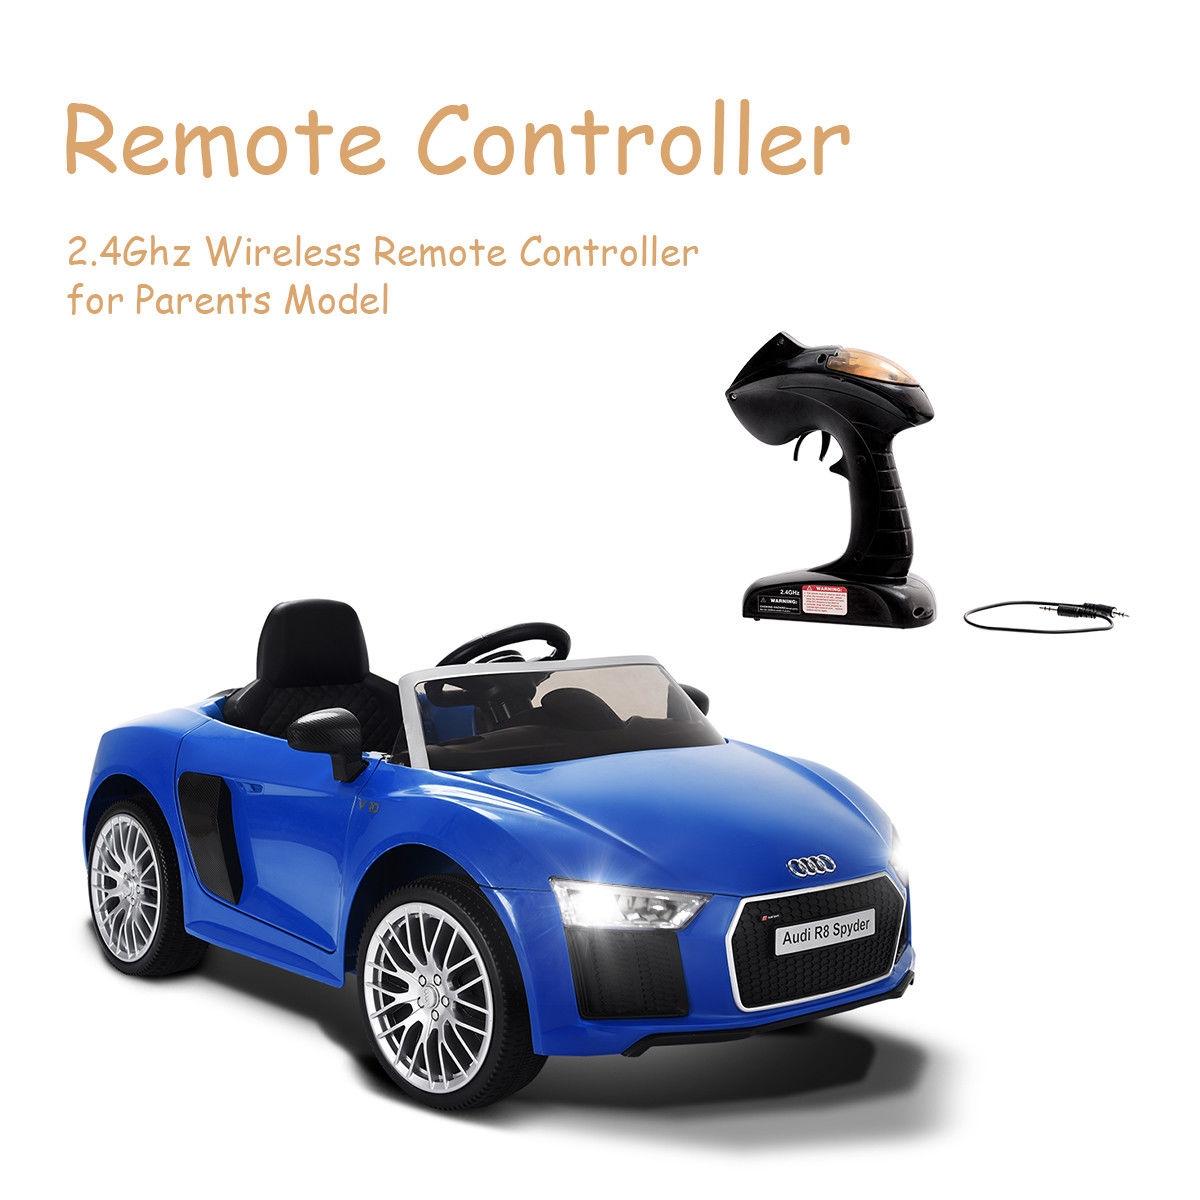 12 V Audi R8 Spyder Licensed Electric Kids Riding Car